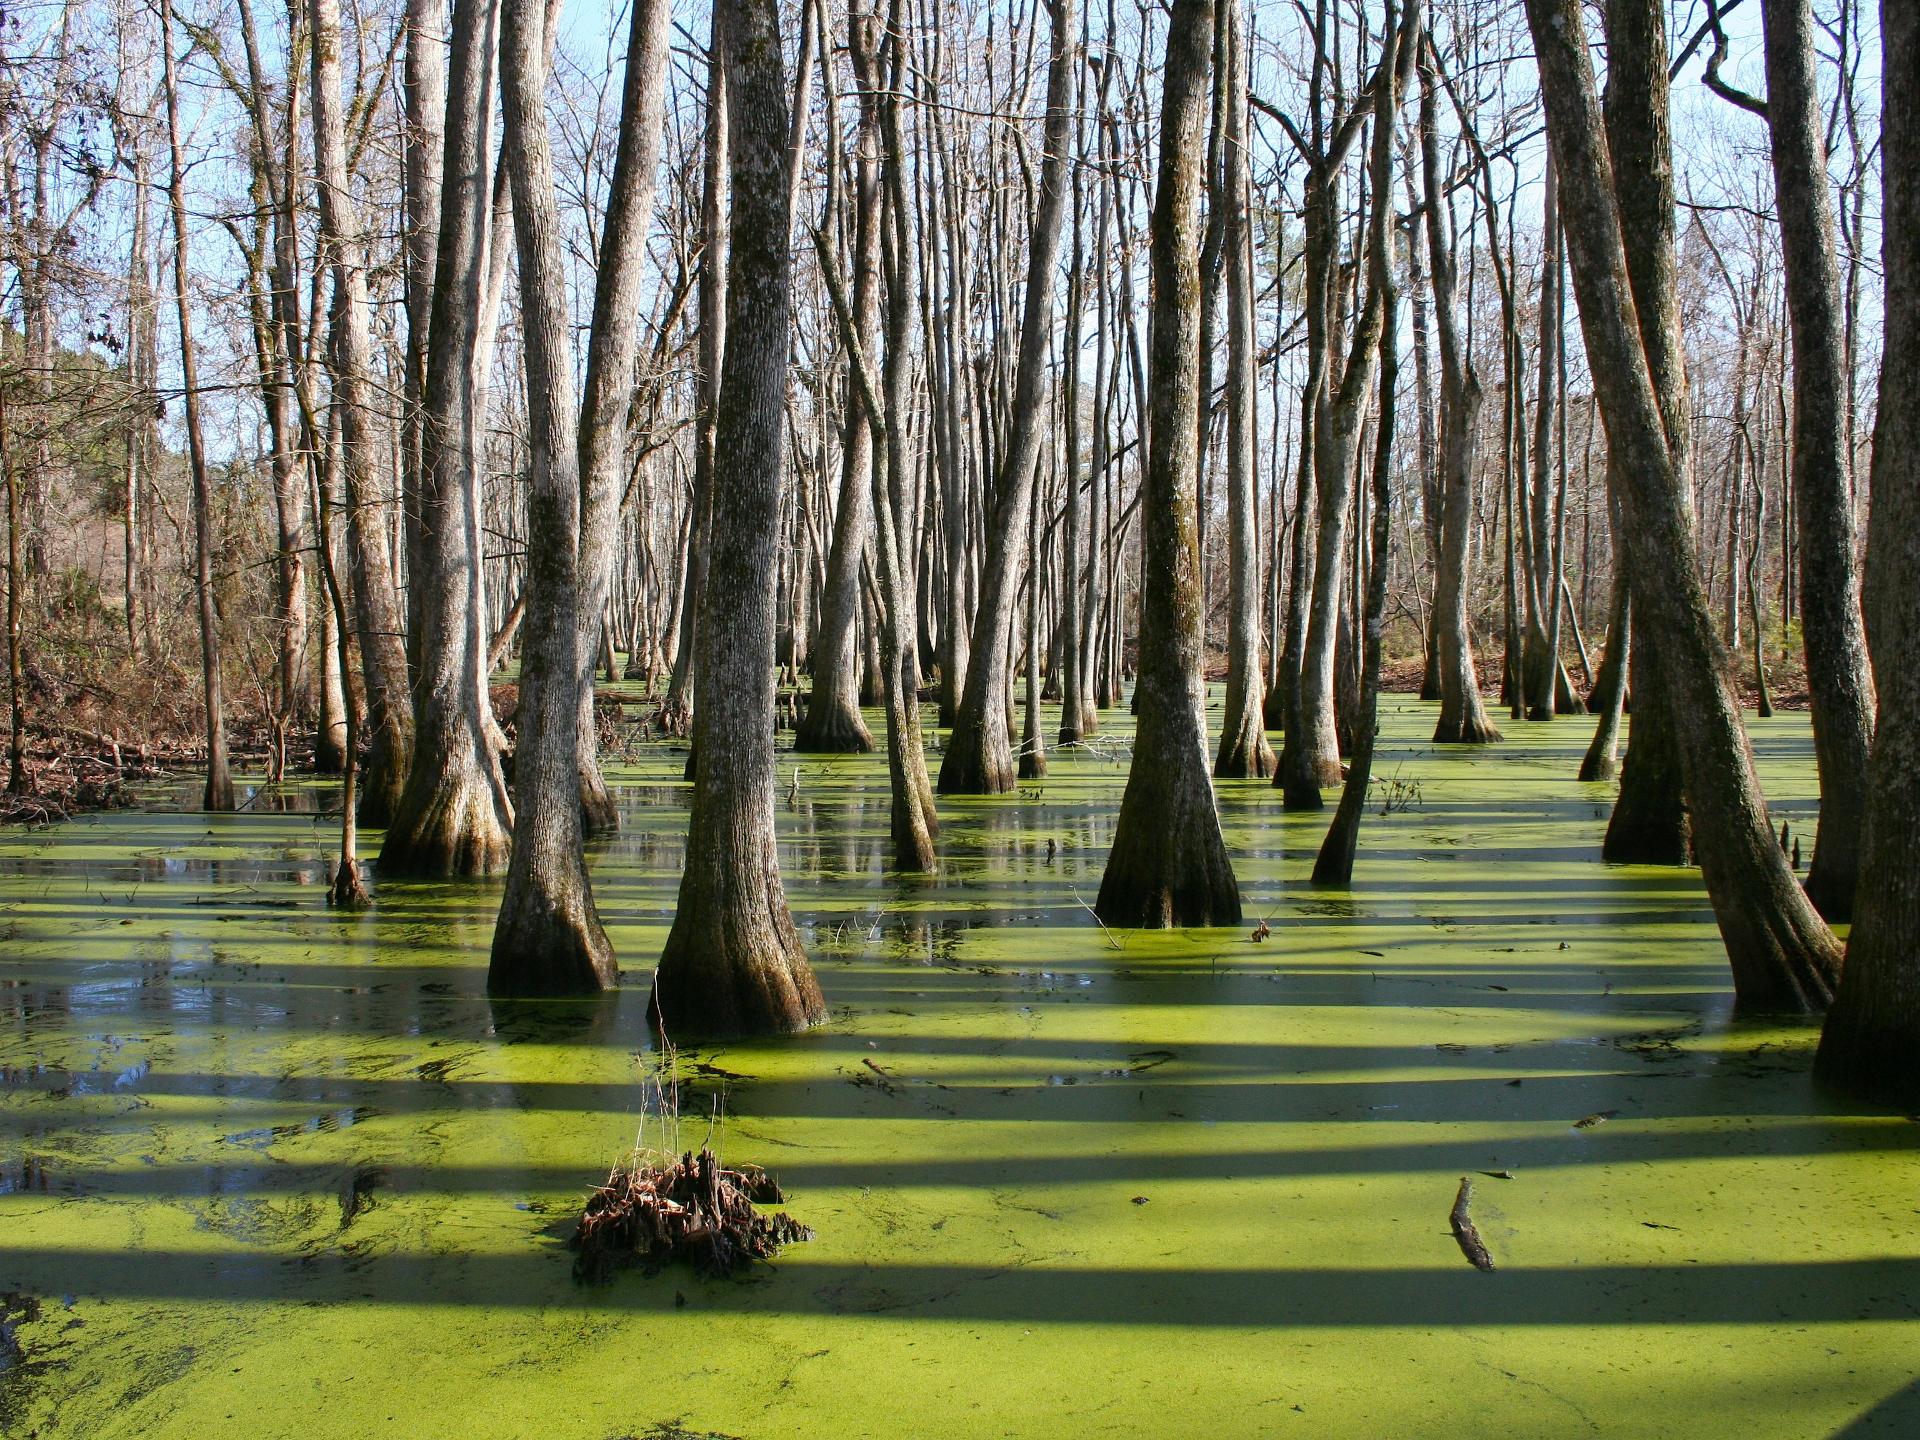 In Sumpflandschaften und Überschwemmungsgebieten werden Bäume mit ganz speziellen Herausforderungen konfrontiert. - Photocredit: pixabay.com/12019